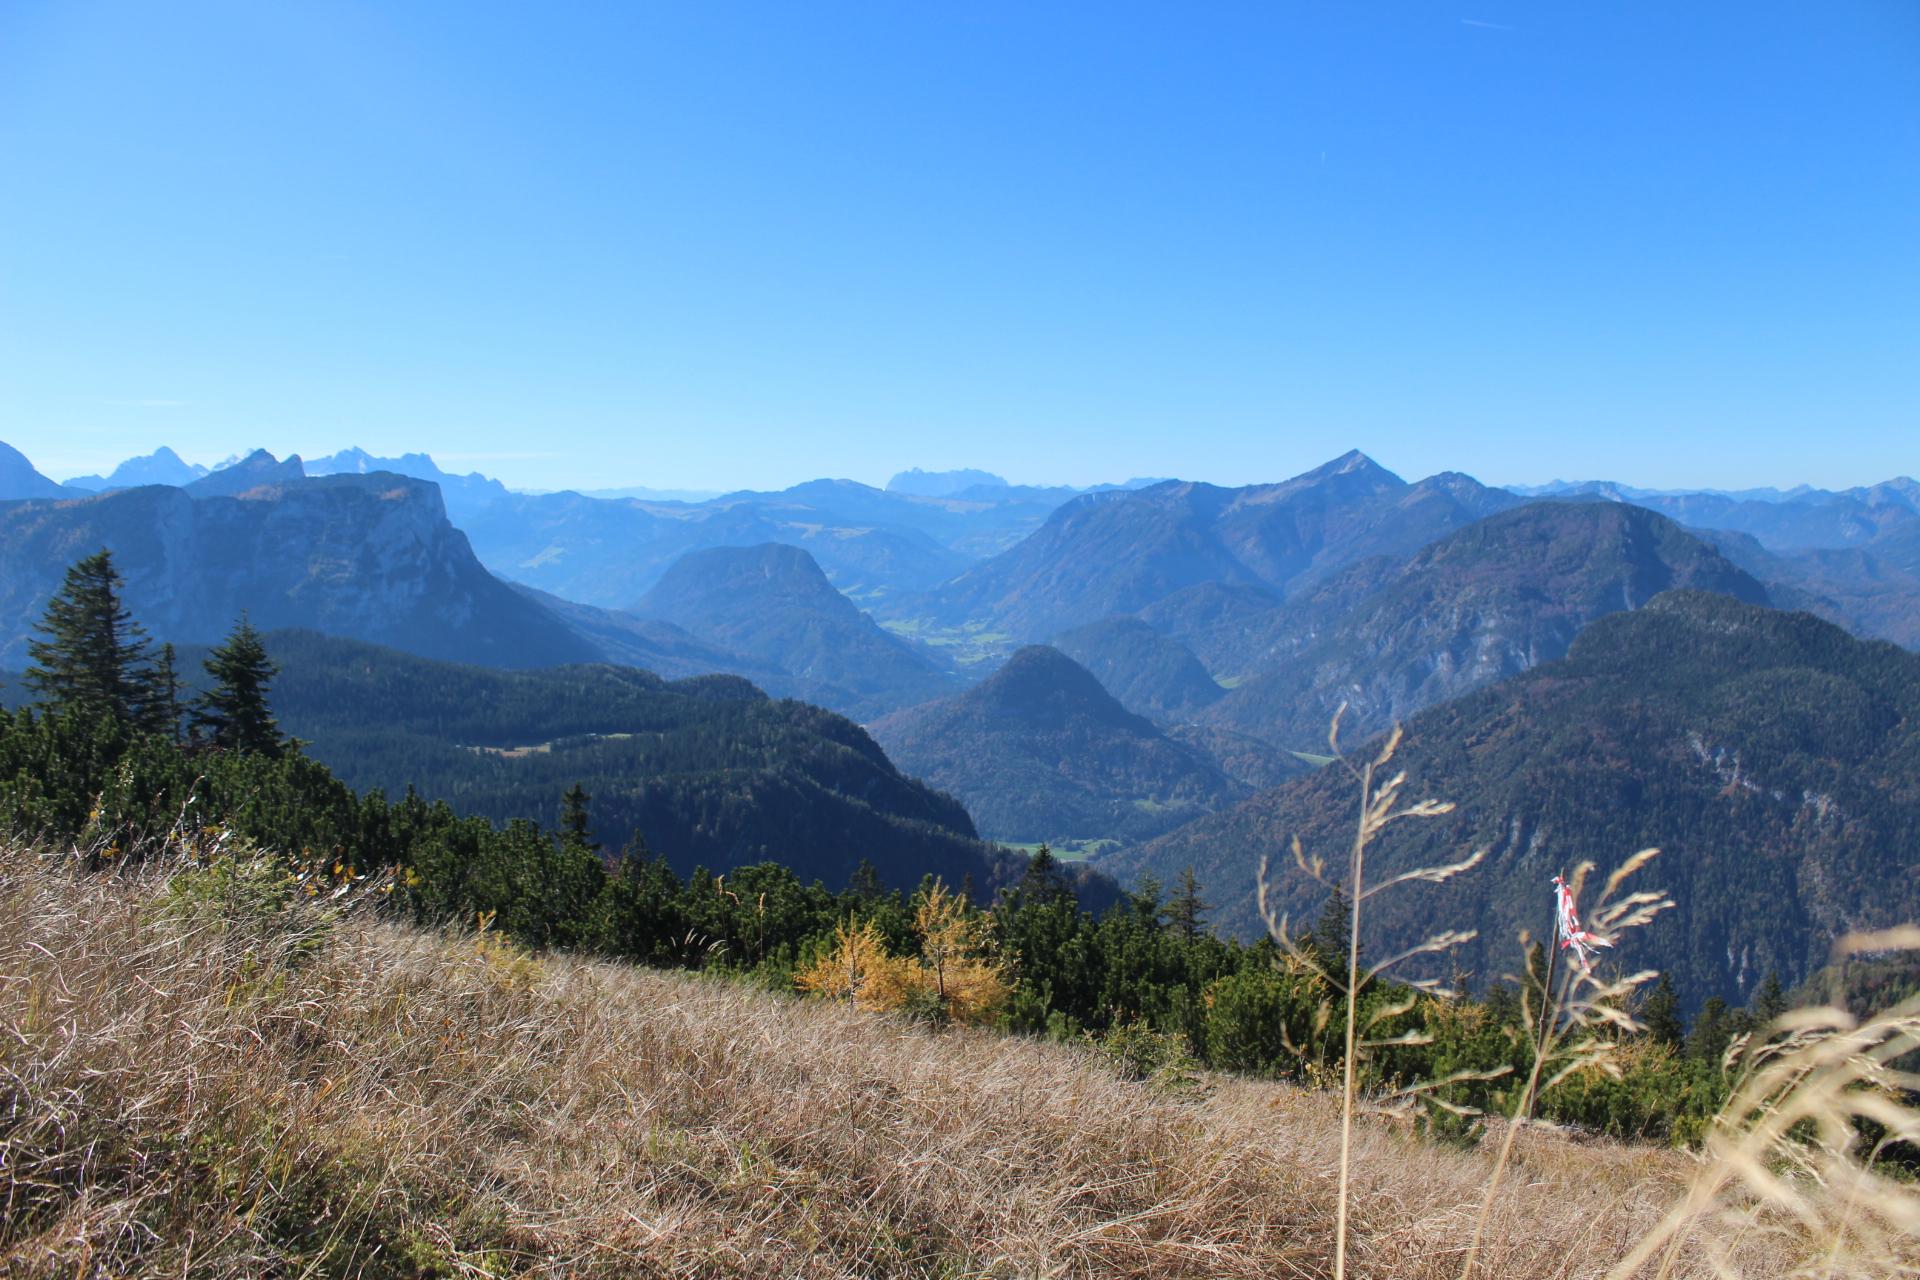 schönste Aussicht auf die Bergwelt ringsrum